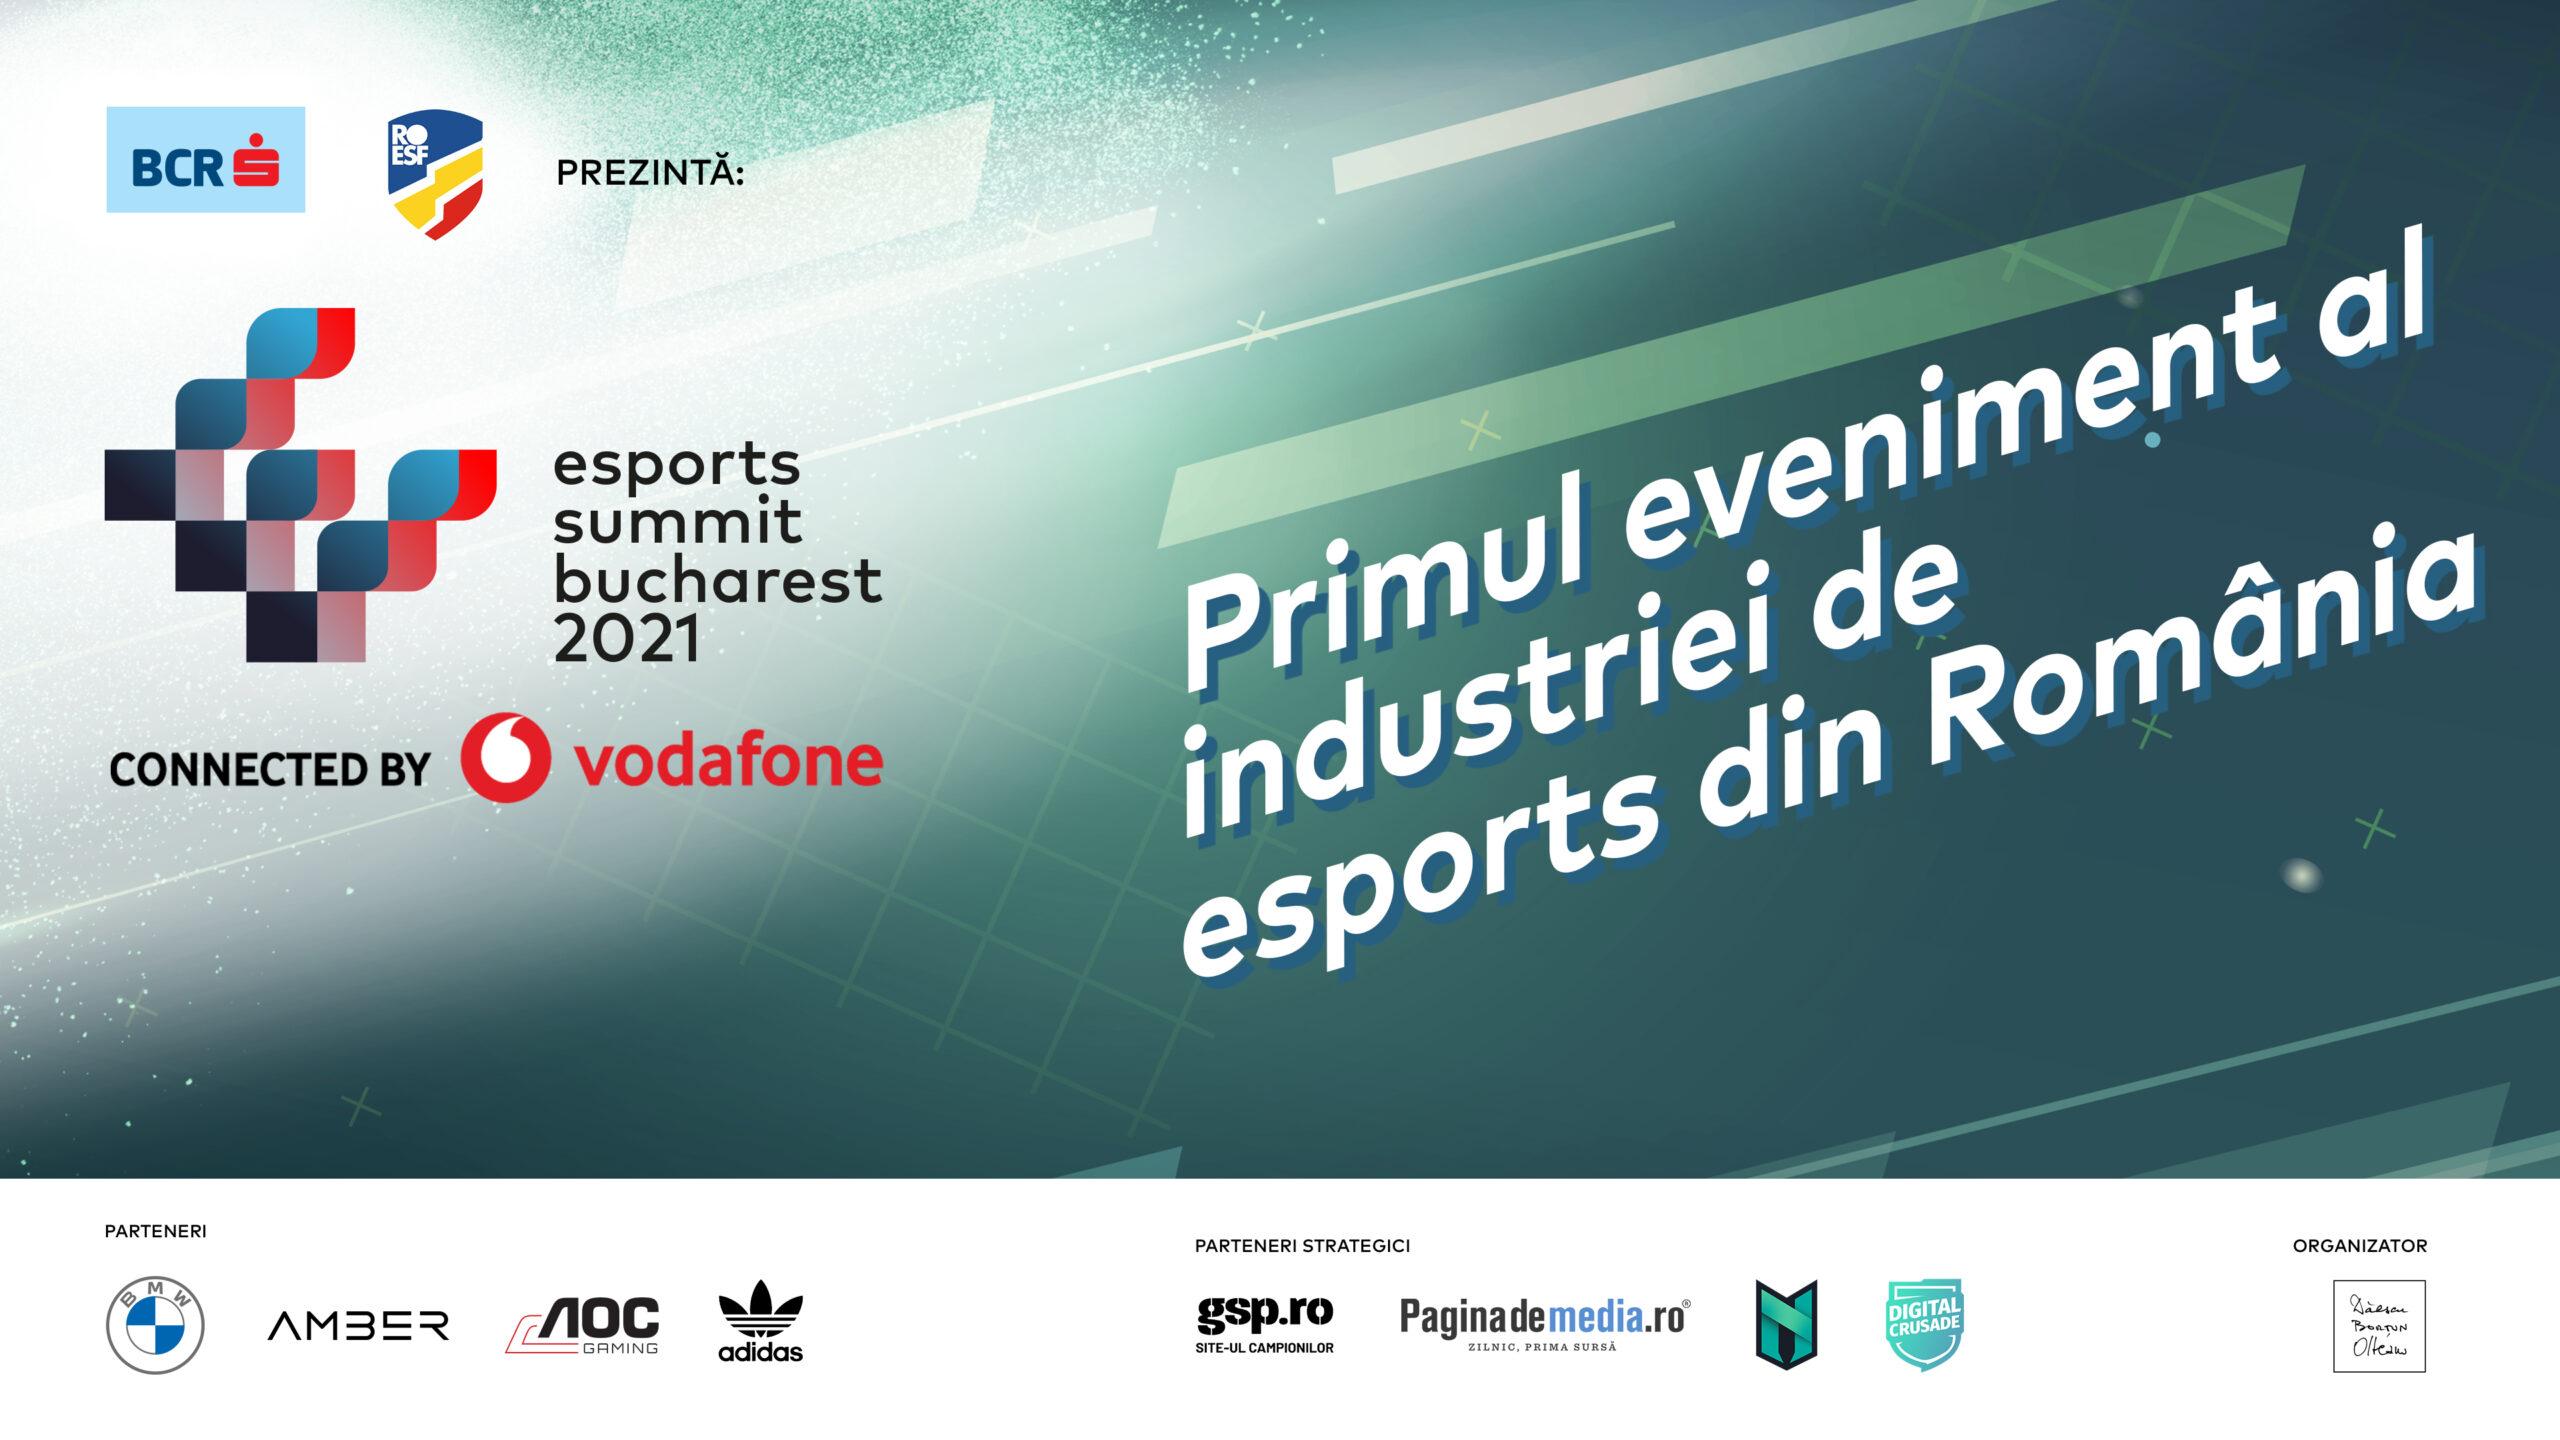 Esports Summit Bucharest 2021